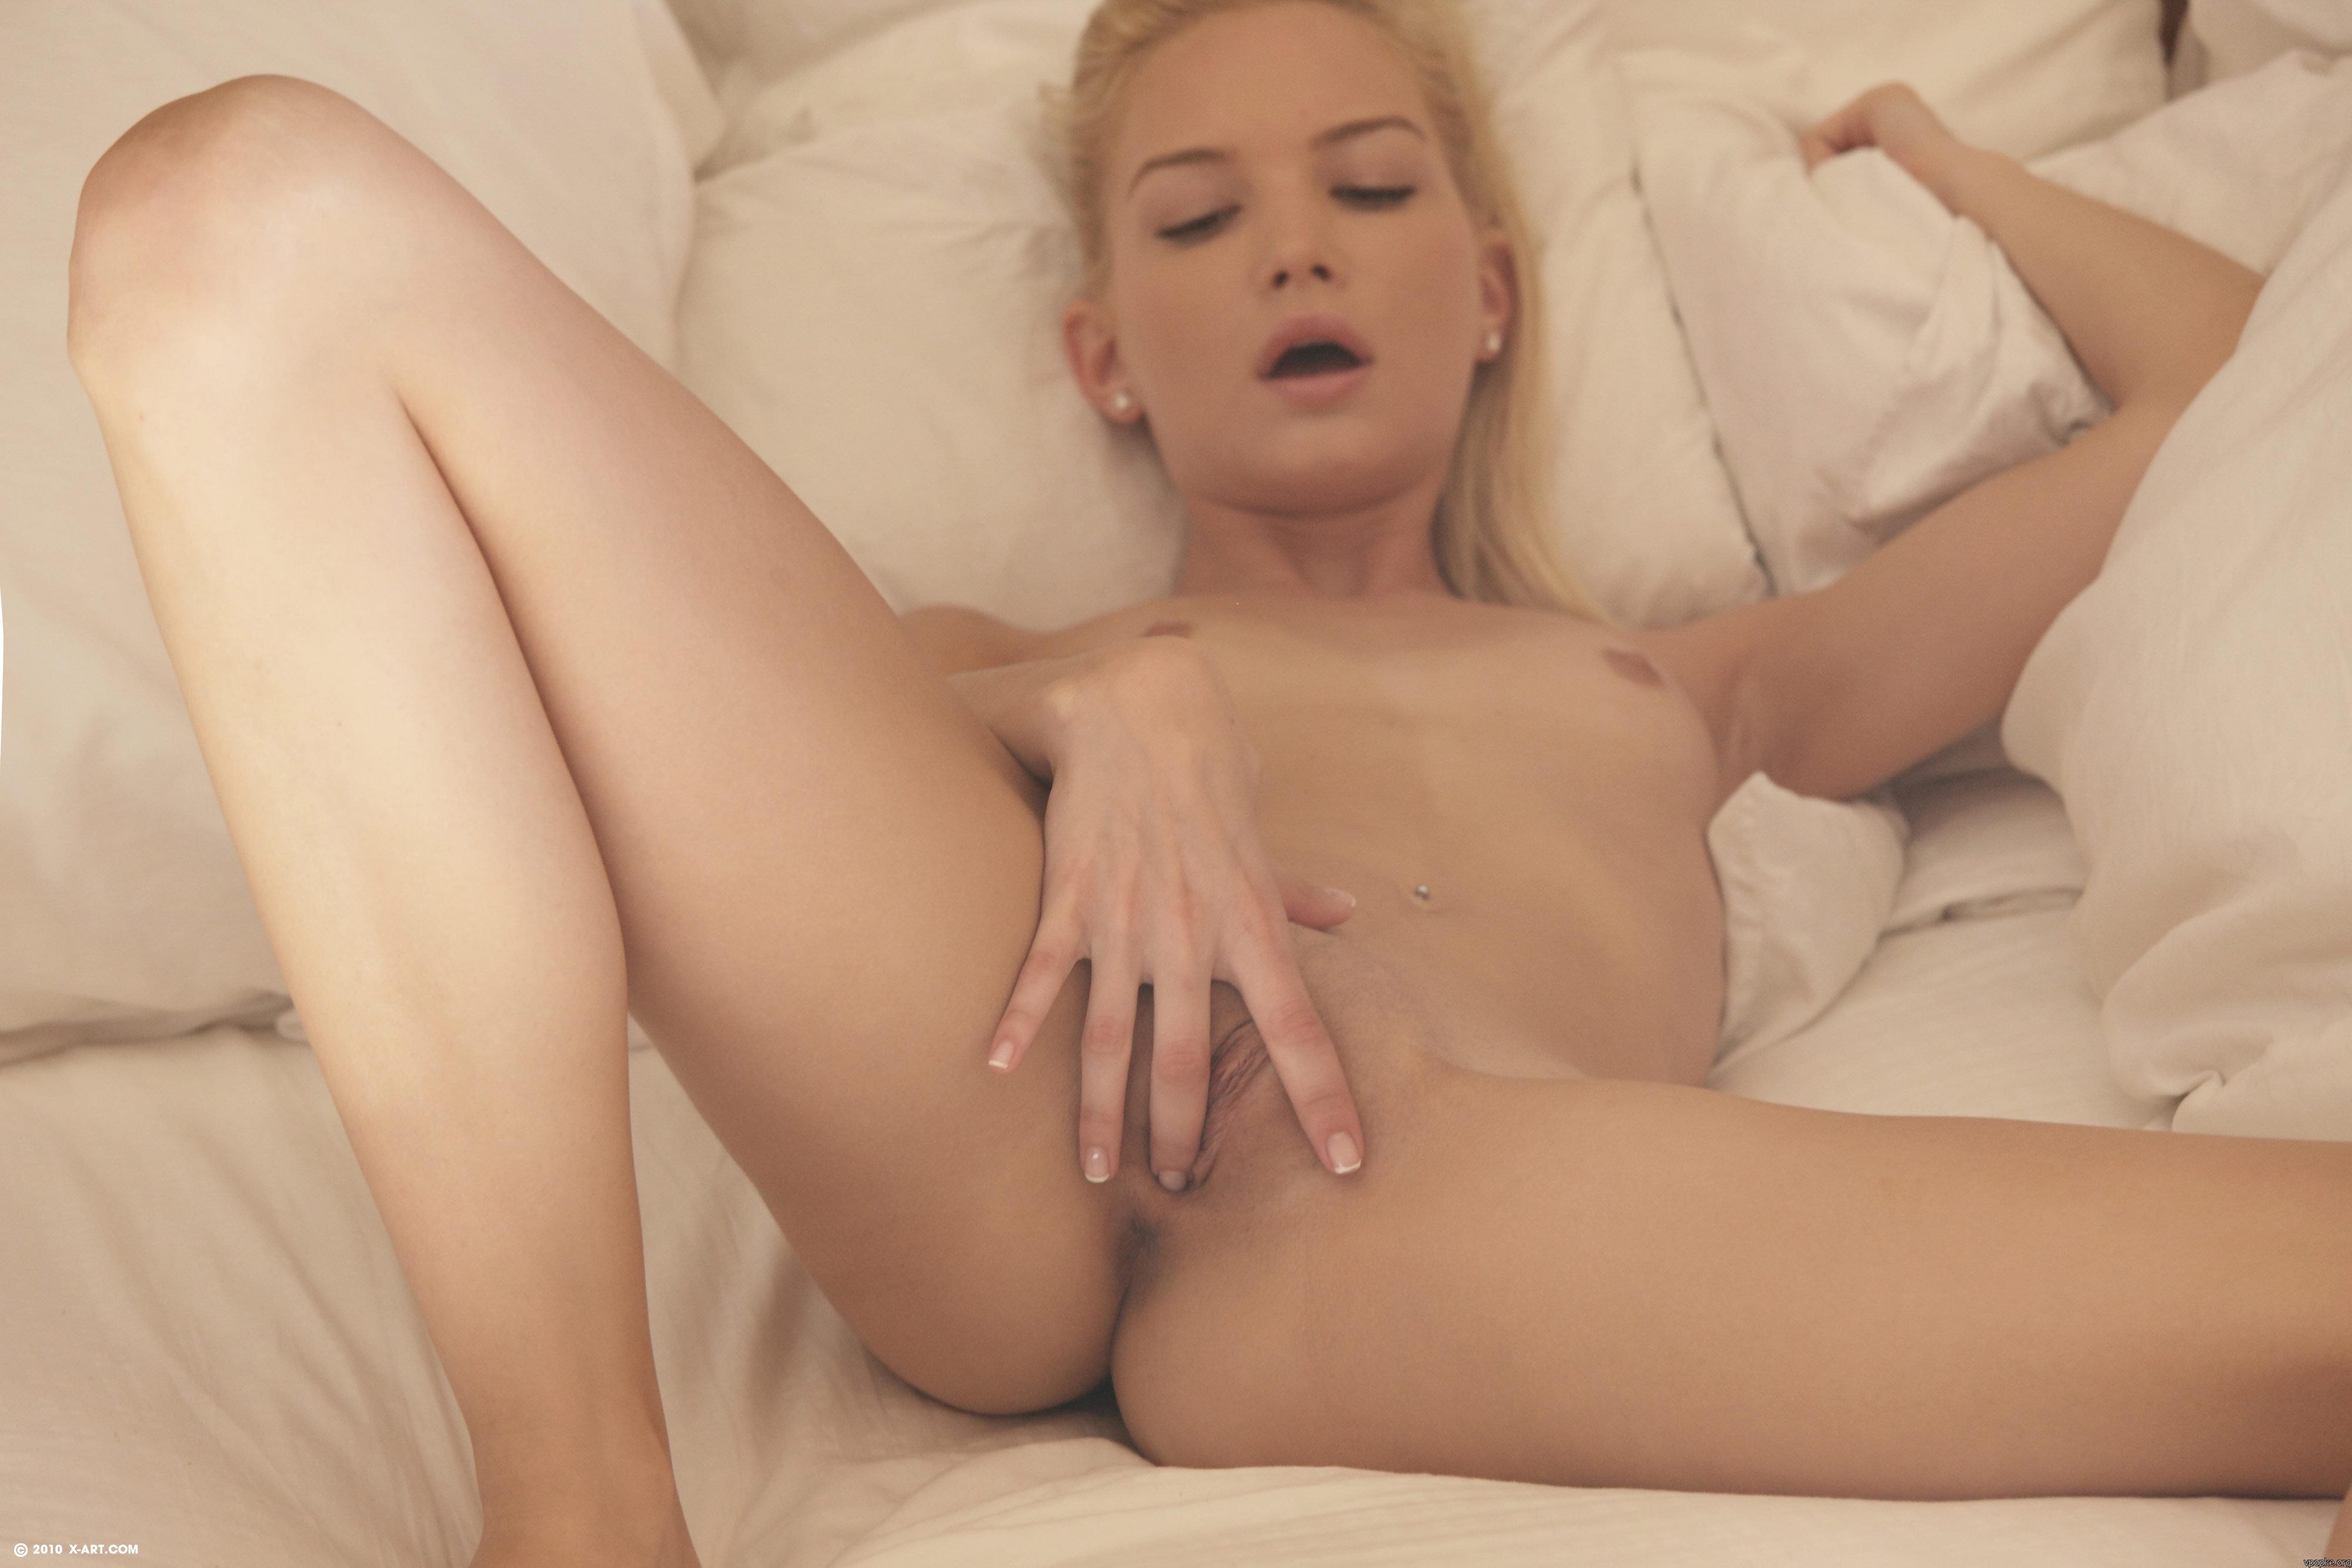 Смотреть порно с крошечными сиськами бесплатно 9 фотография